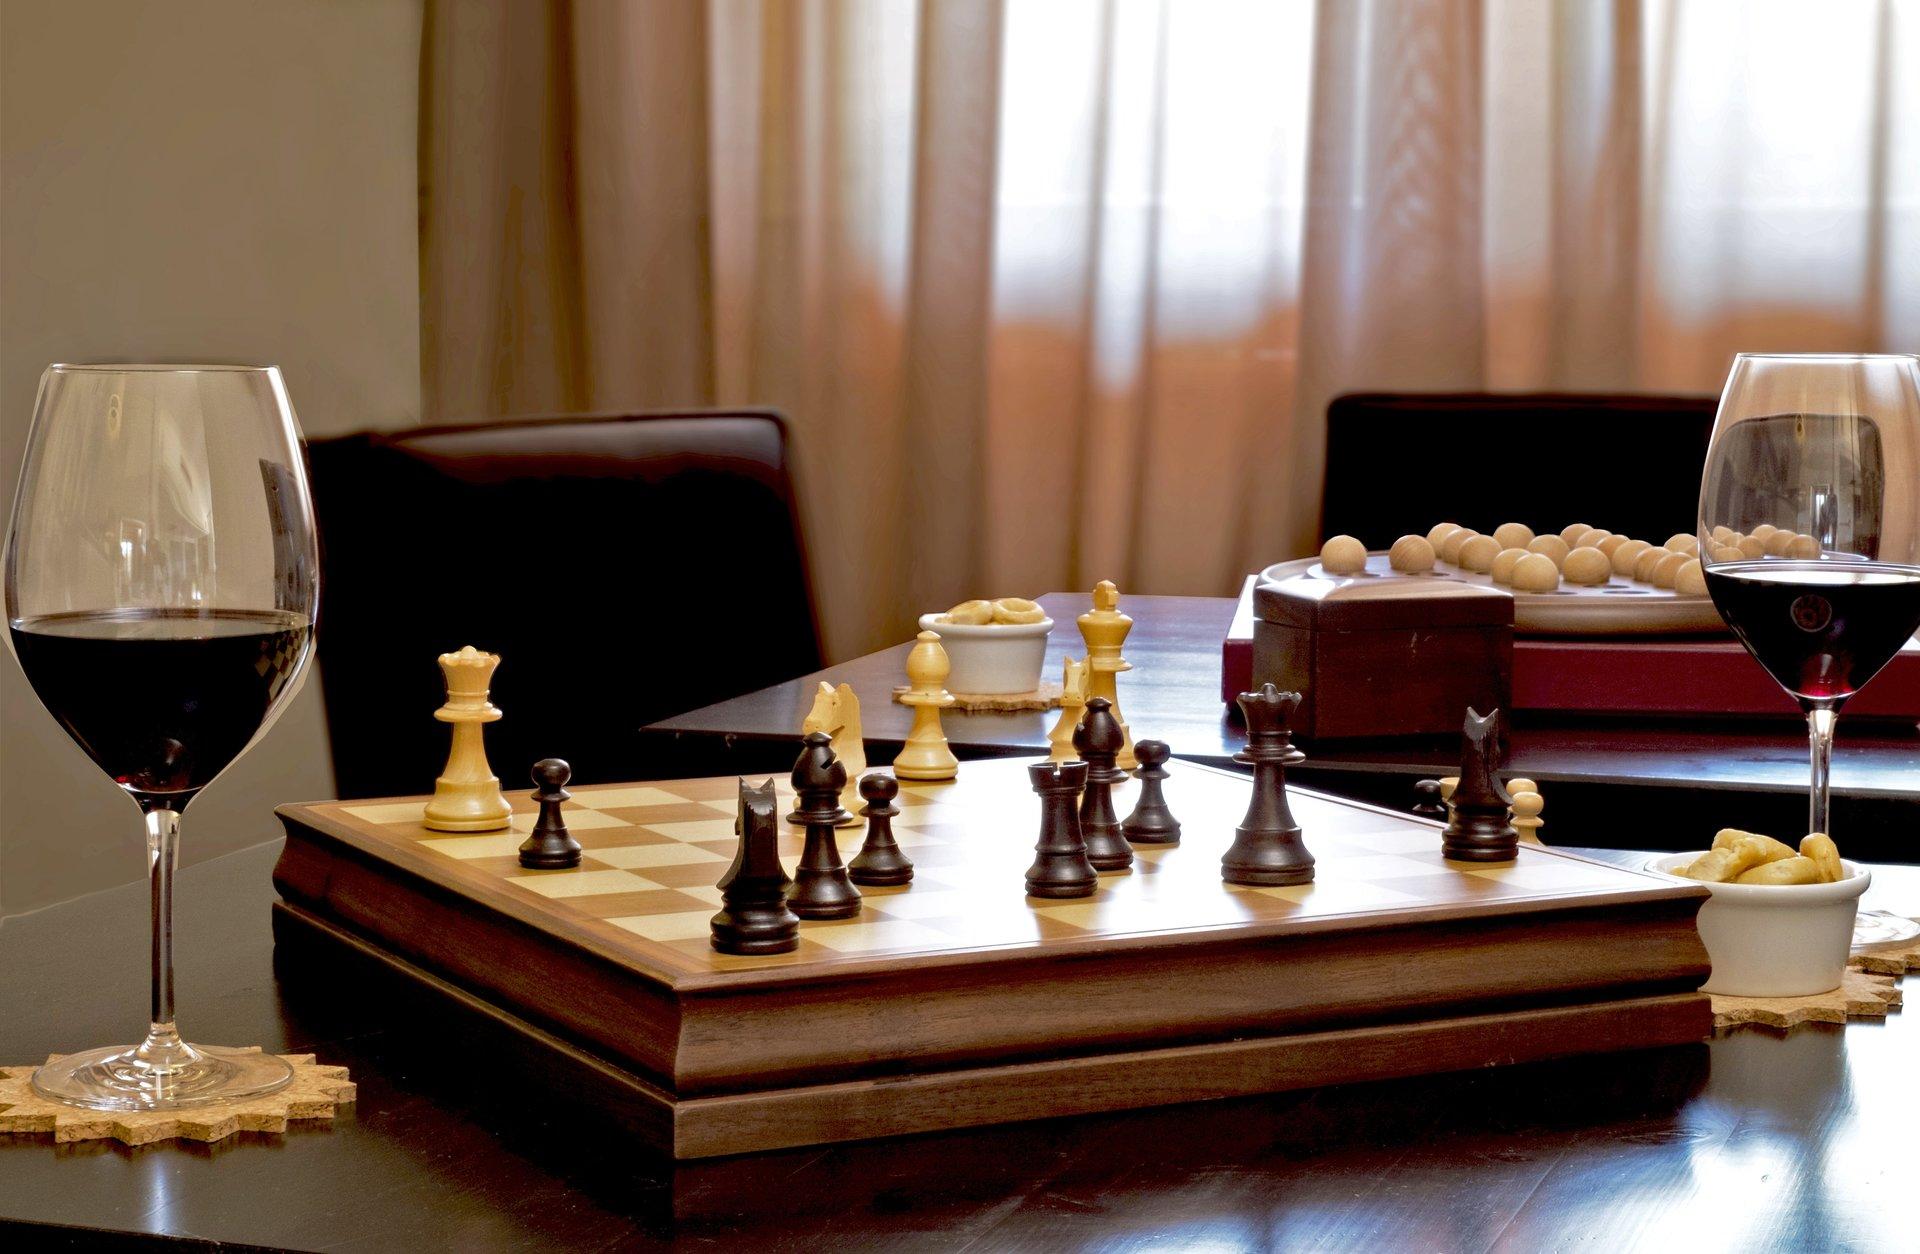 giochi da tavola e aperitivi in albergo